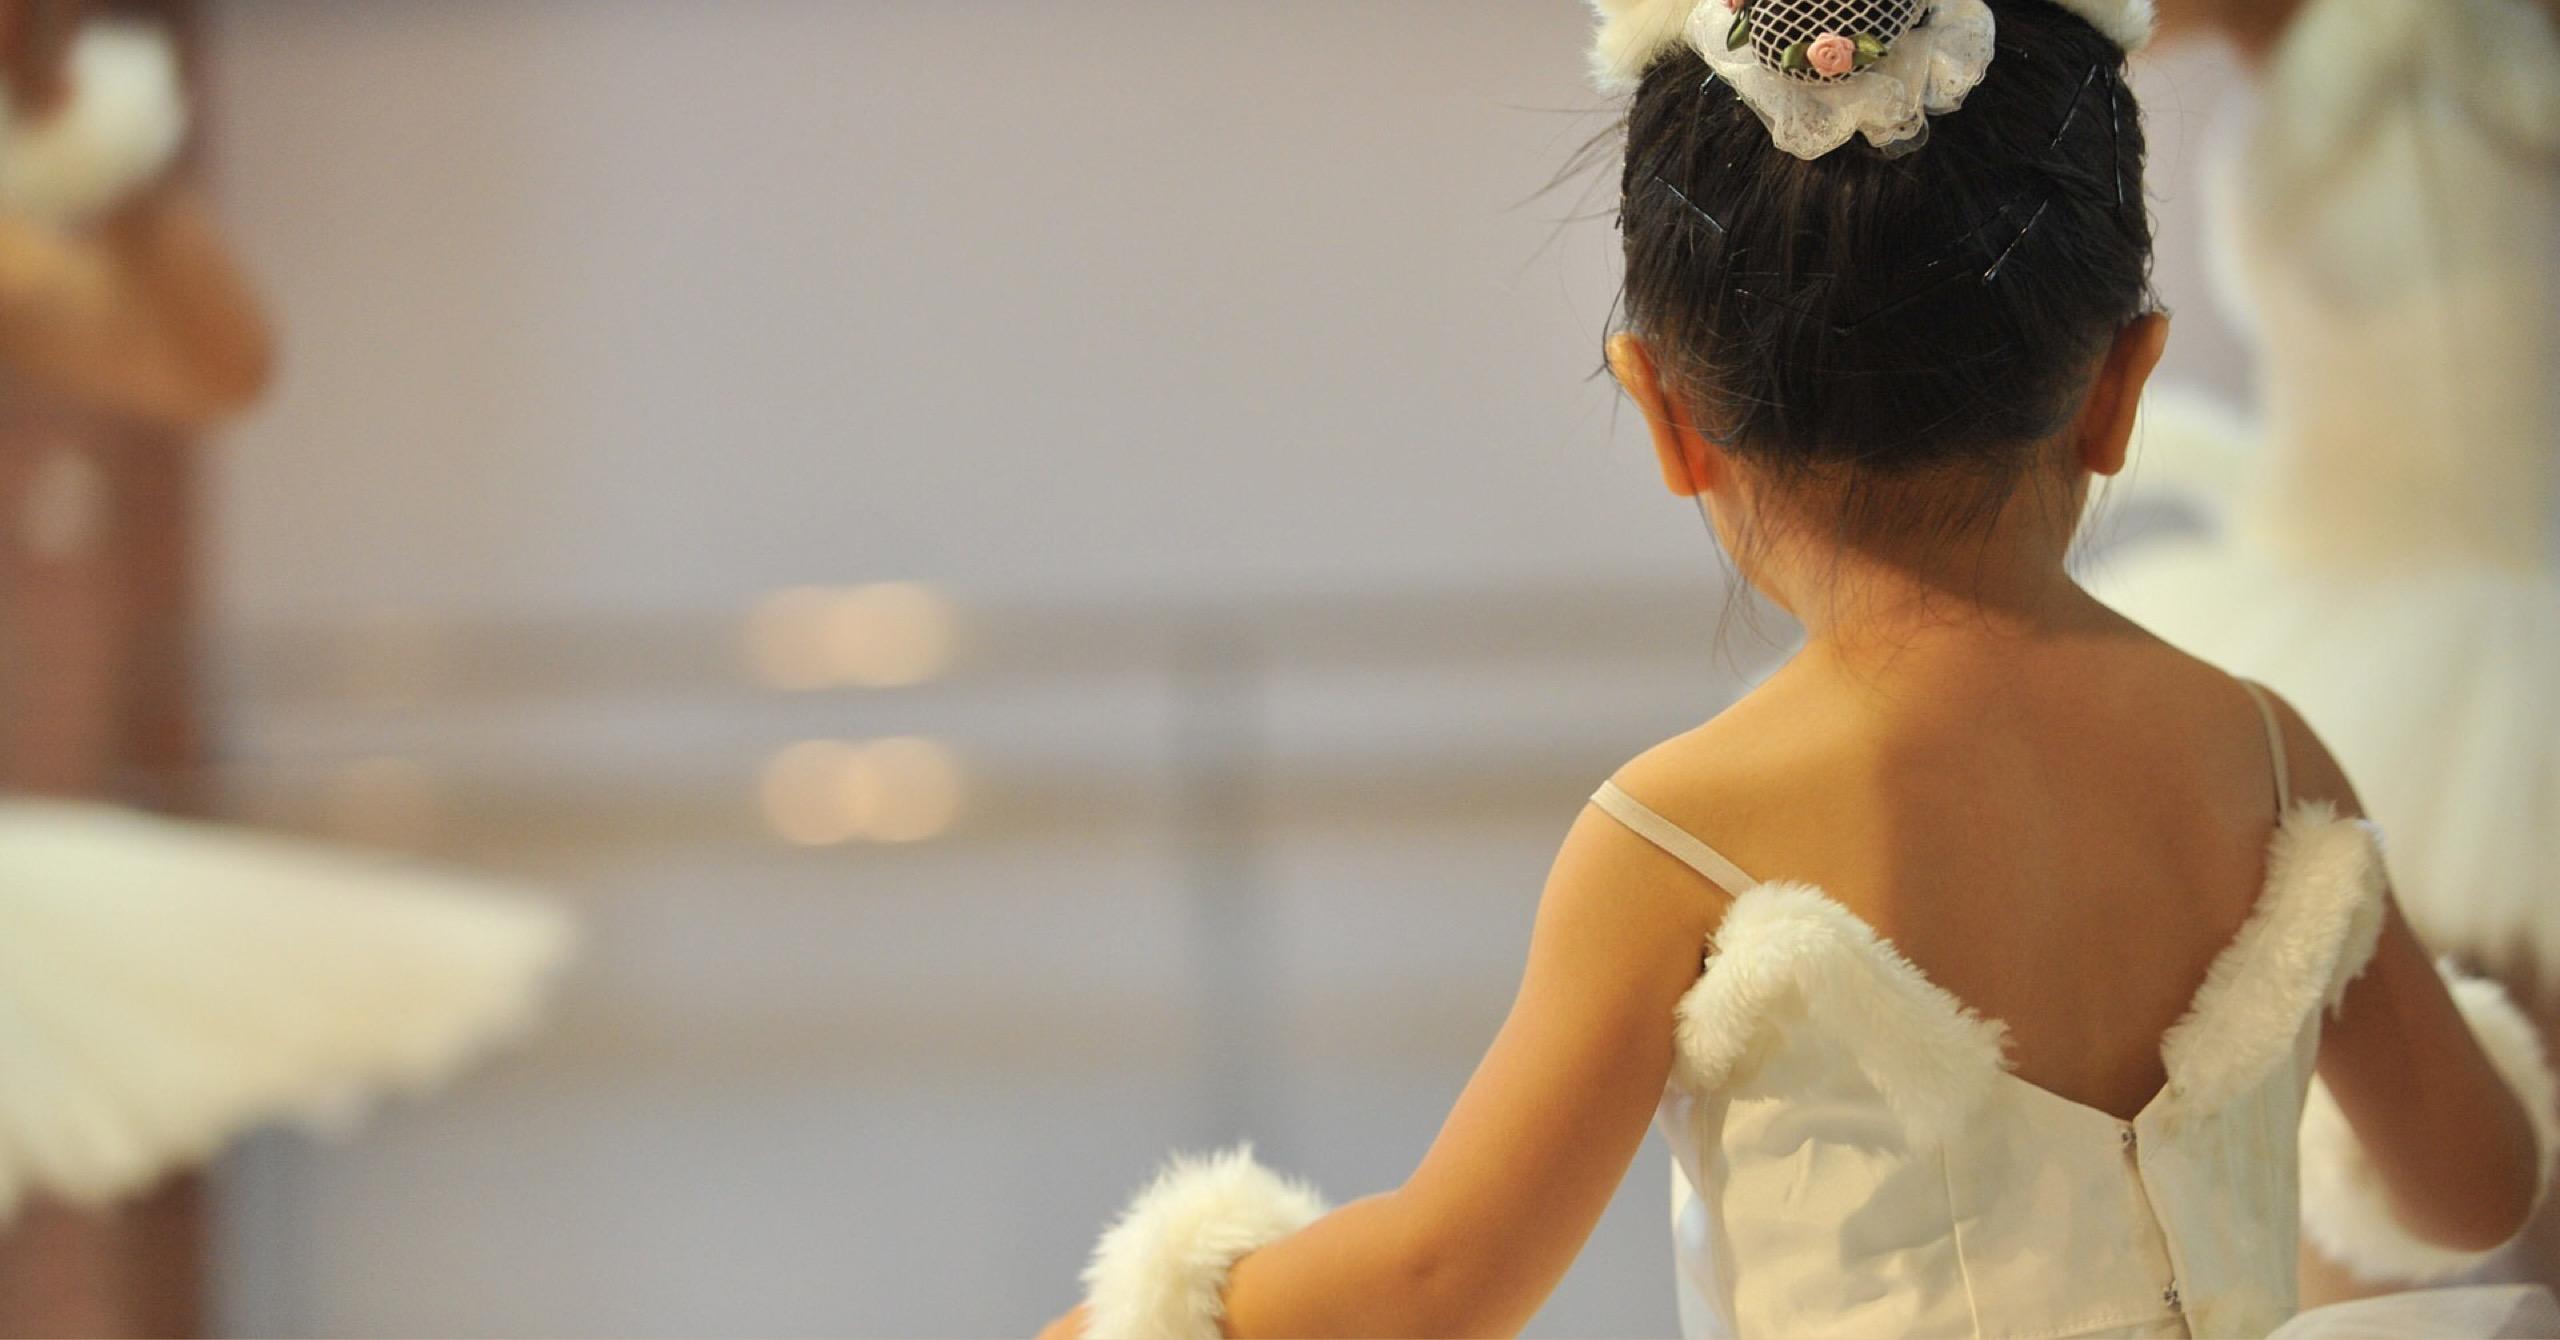 バレエは本人の意志で始めたのだから、最後まで…